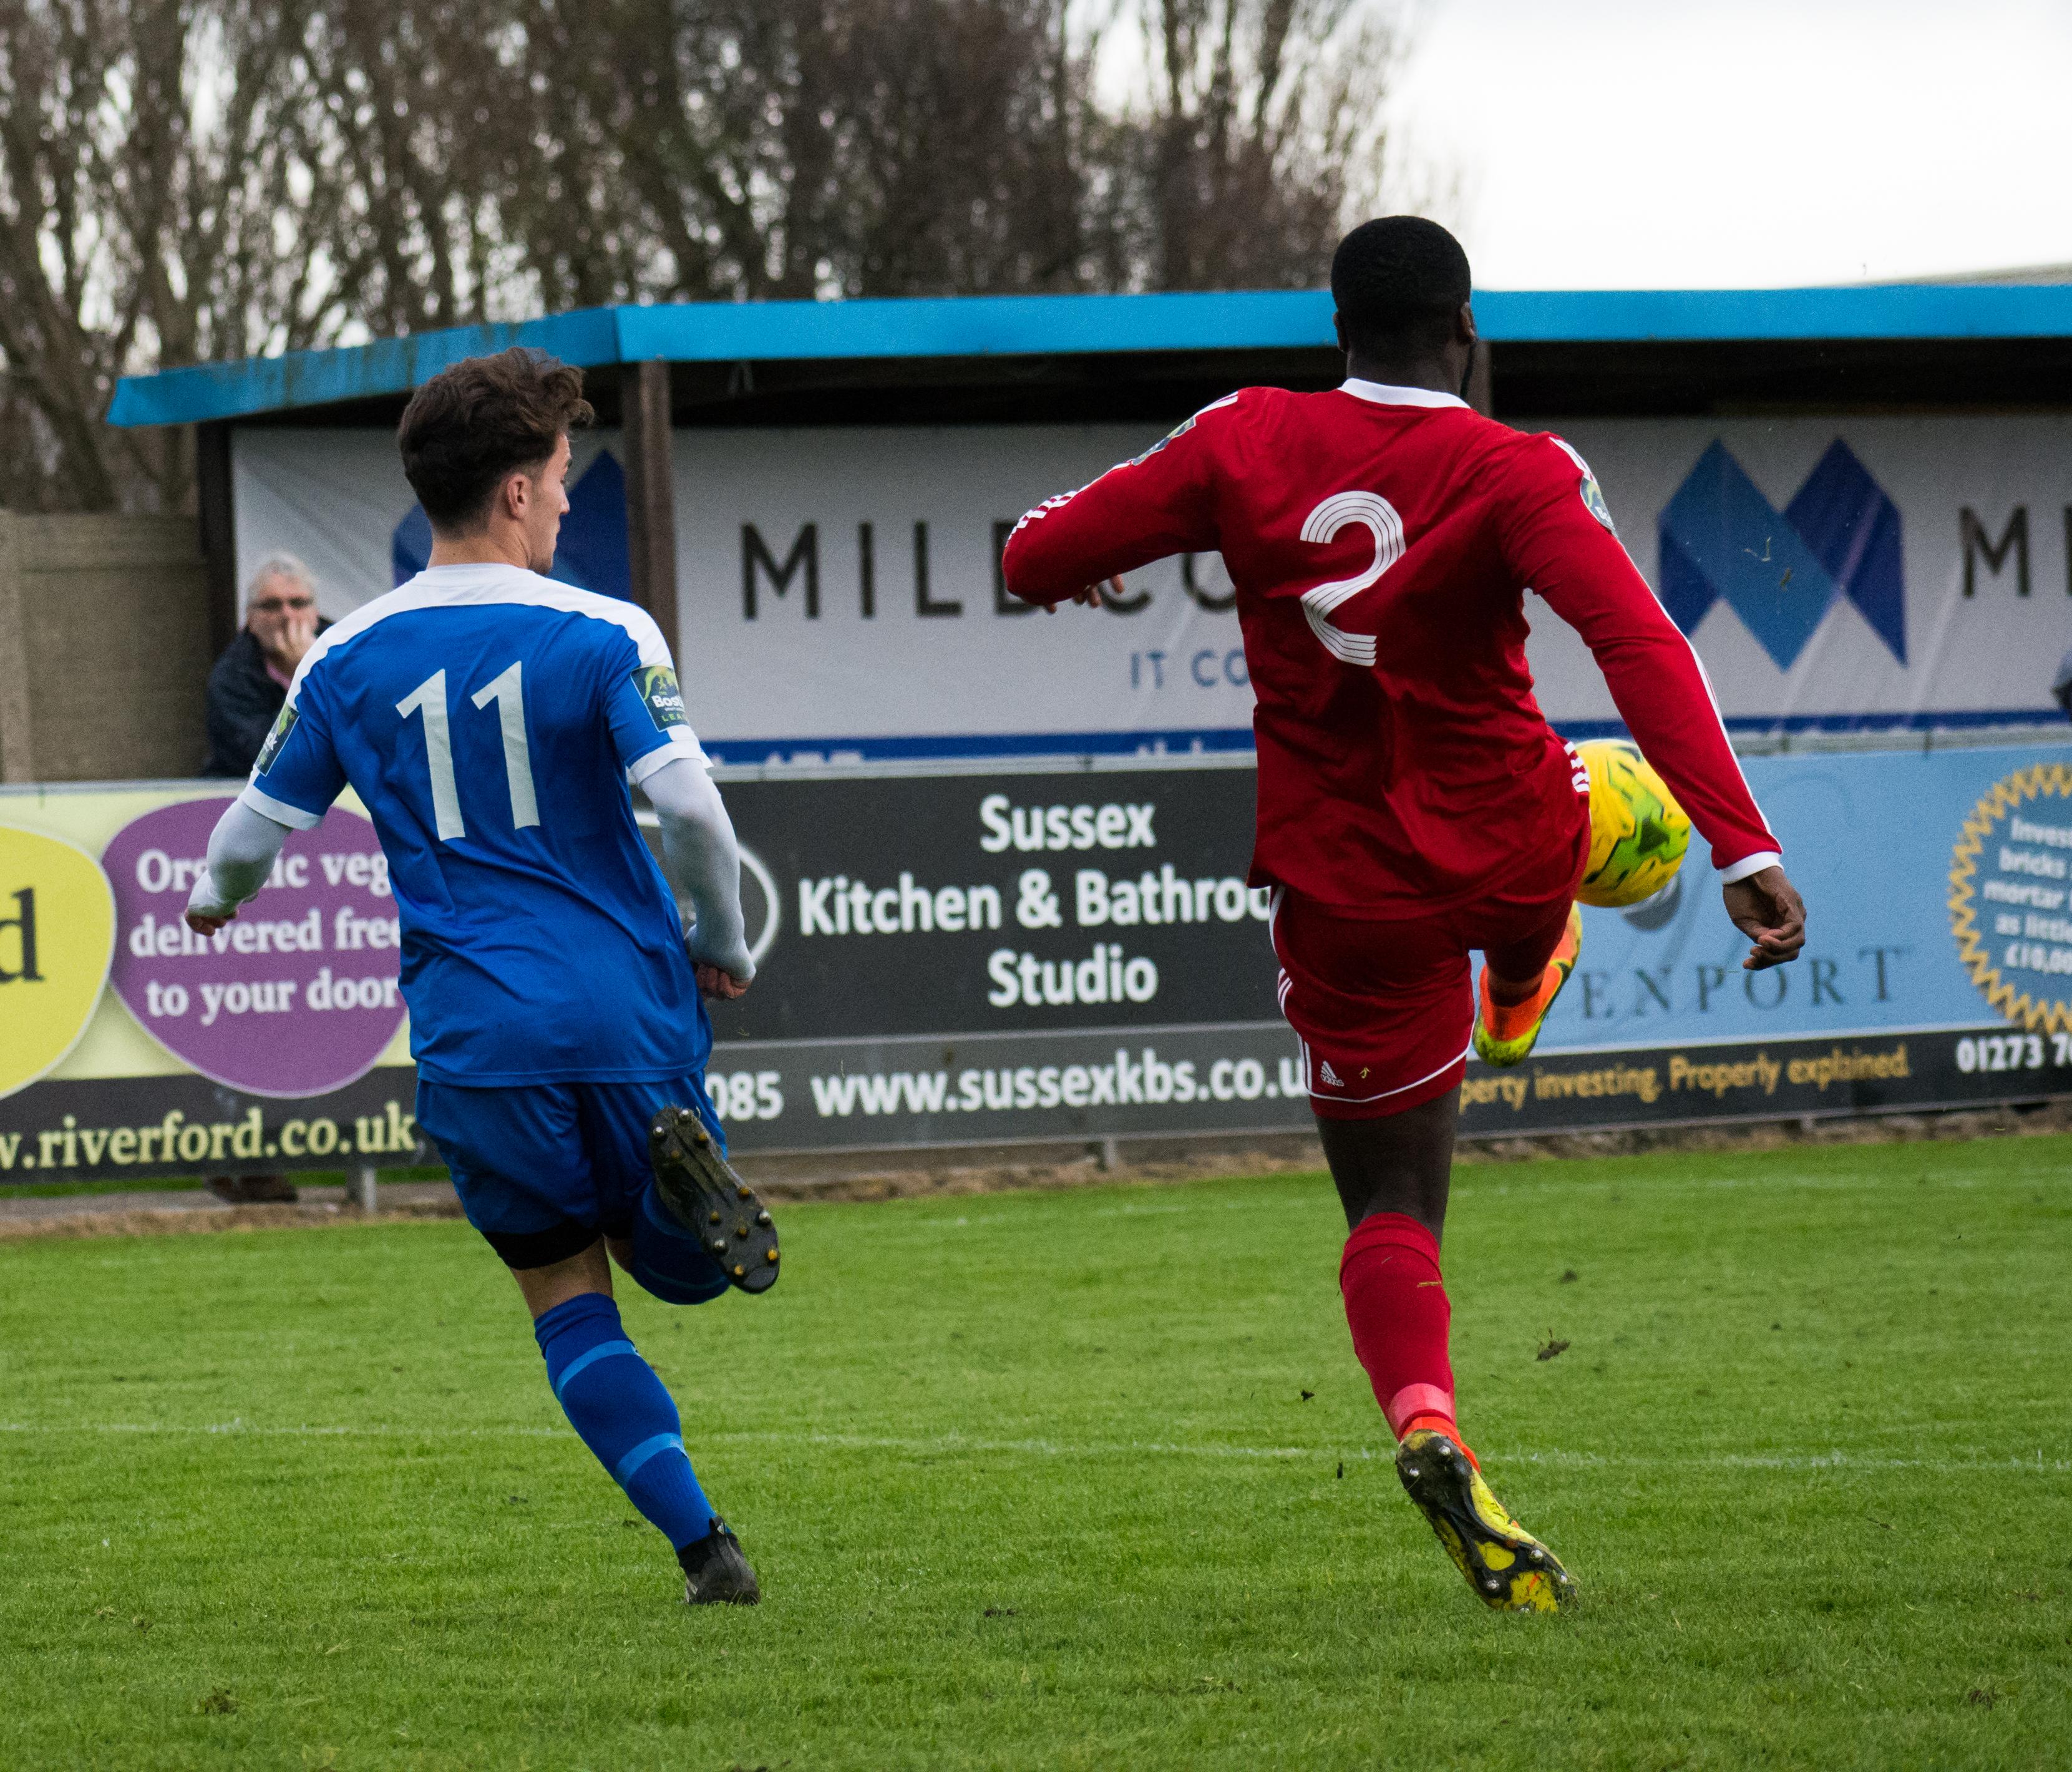 Shoreham FC vs Hythe Town 11.11.17 21